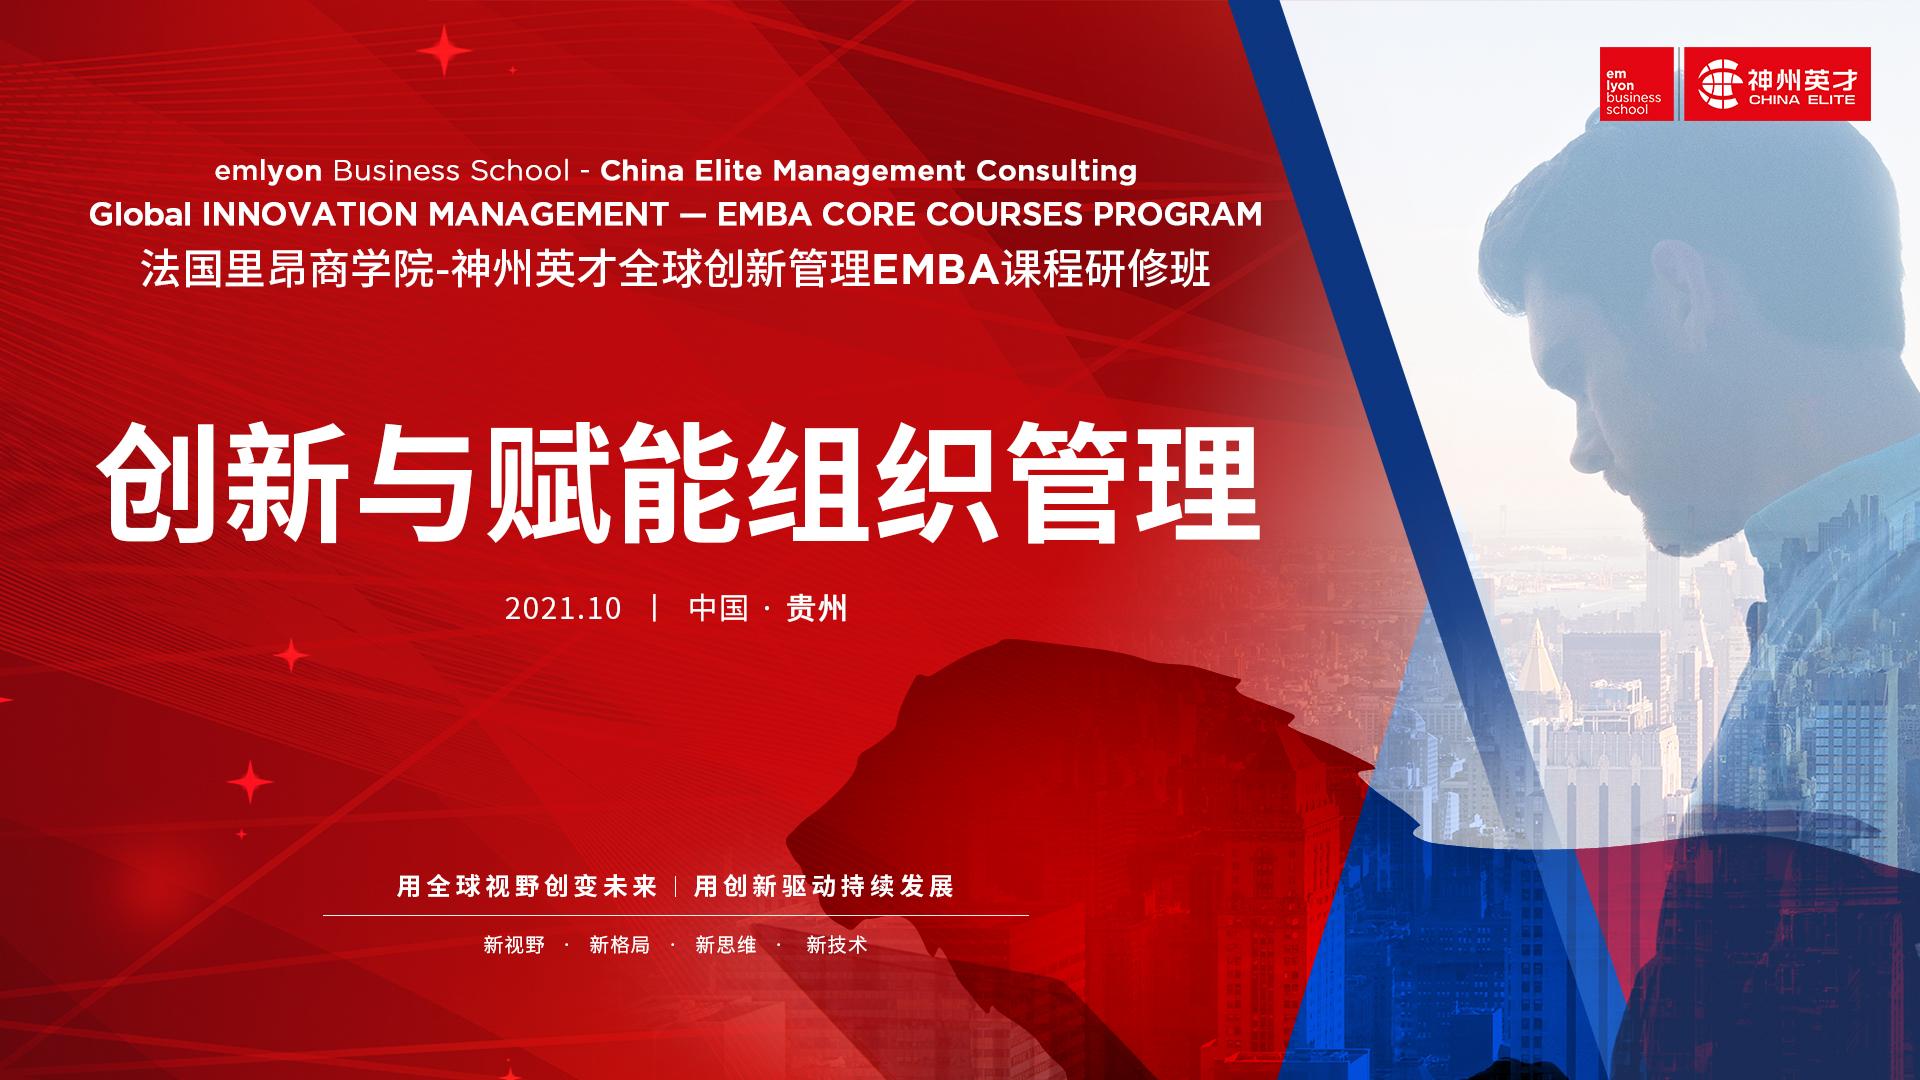 游学茅台 | 法国里昂商学院-神州英才全球创新管理EMBA课程研修班开班啦